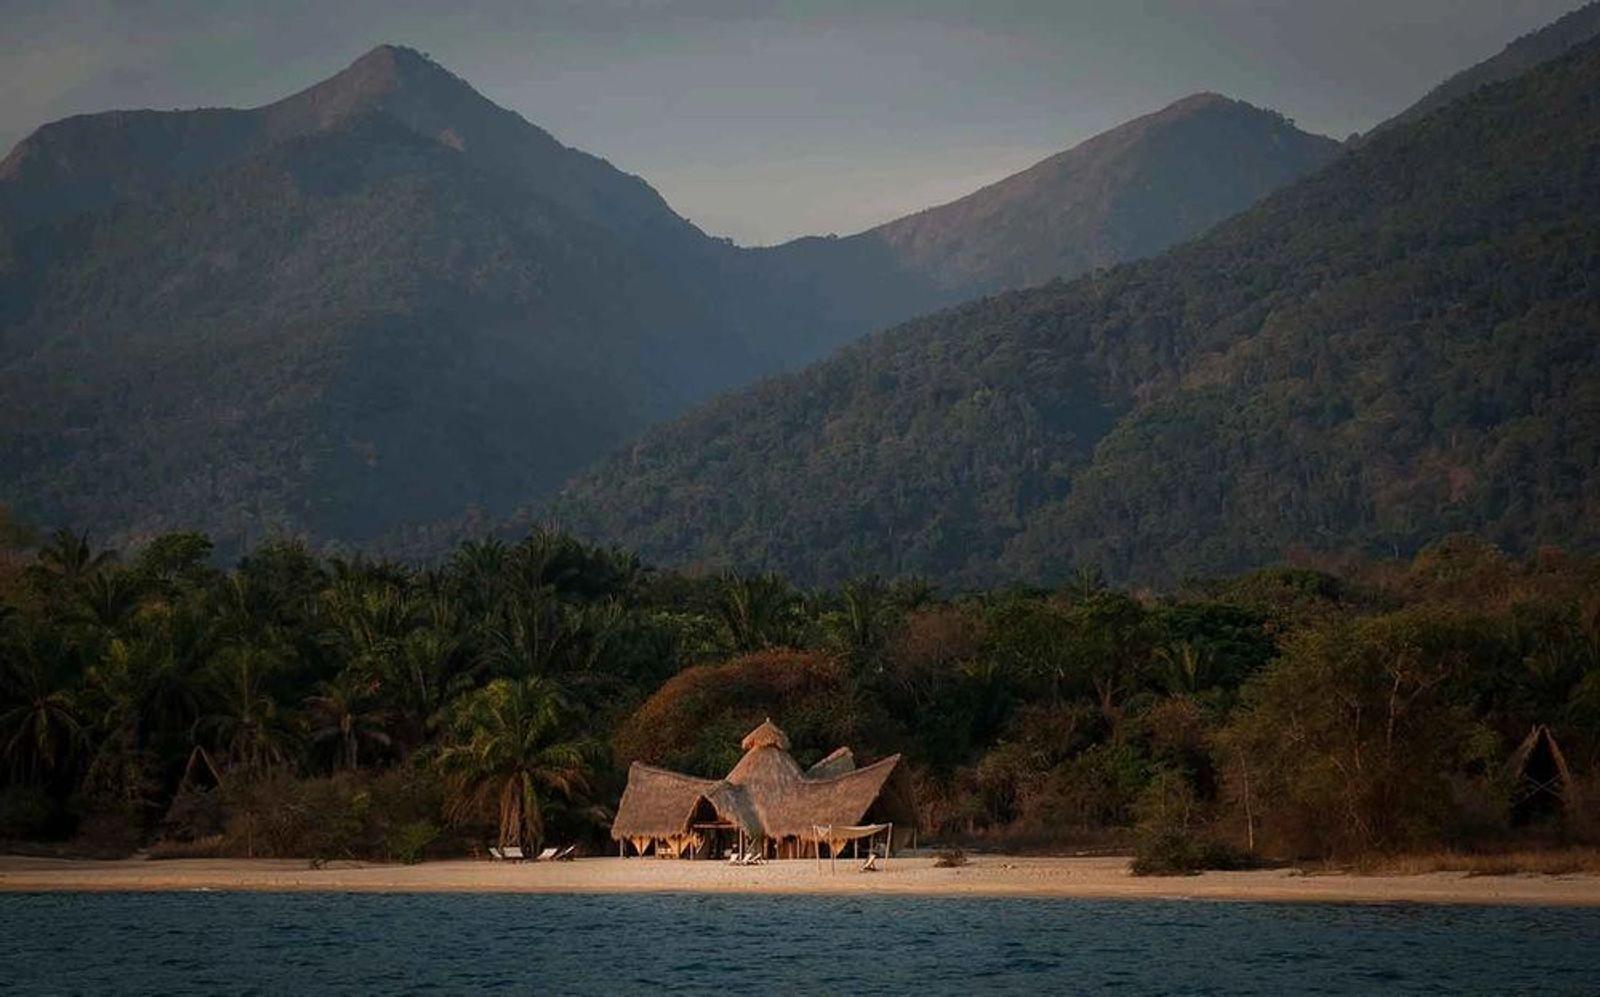 Remote Tanzania